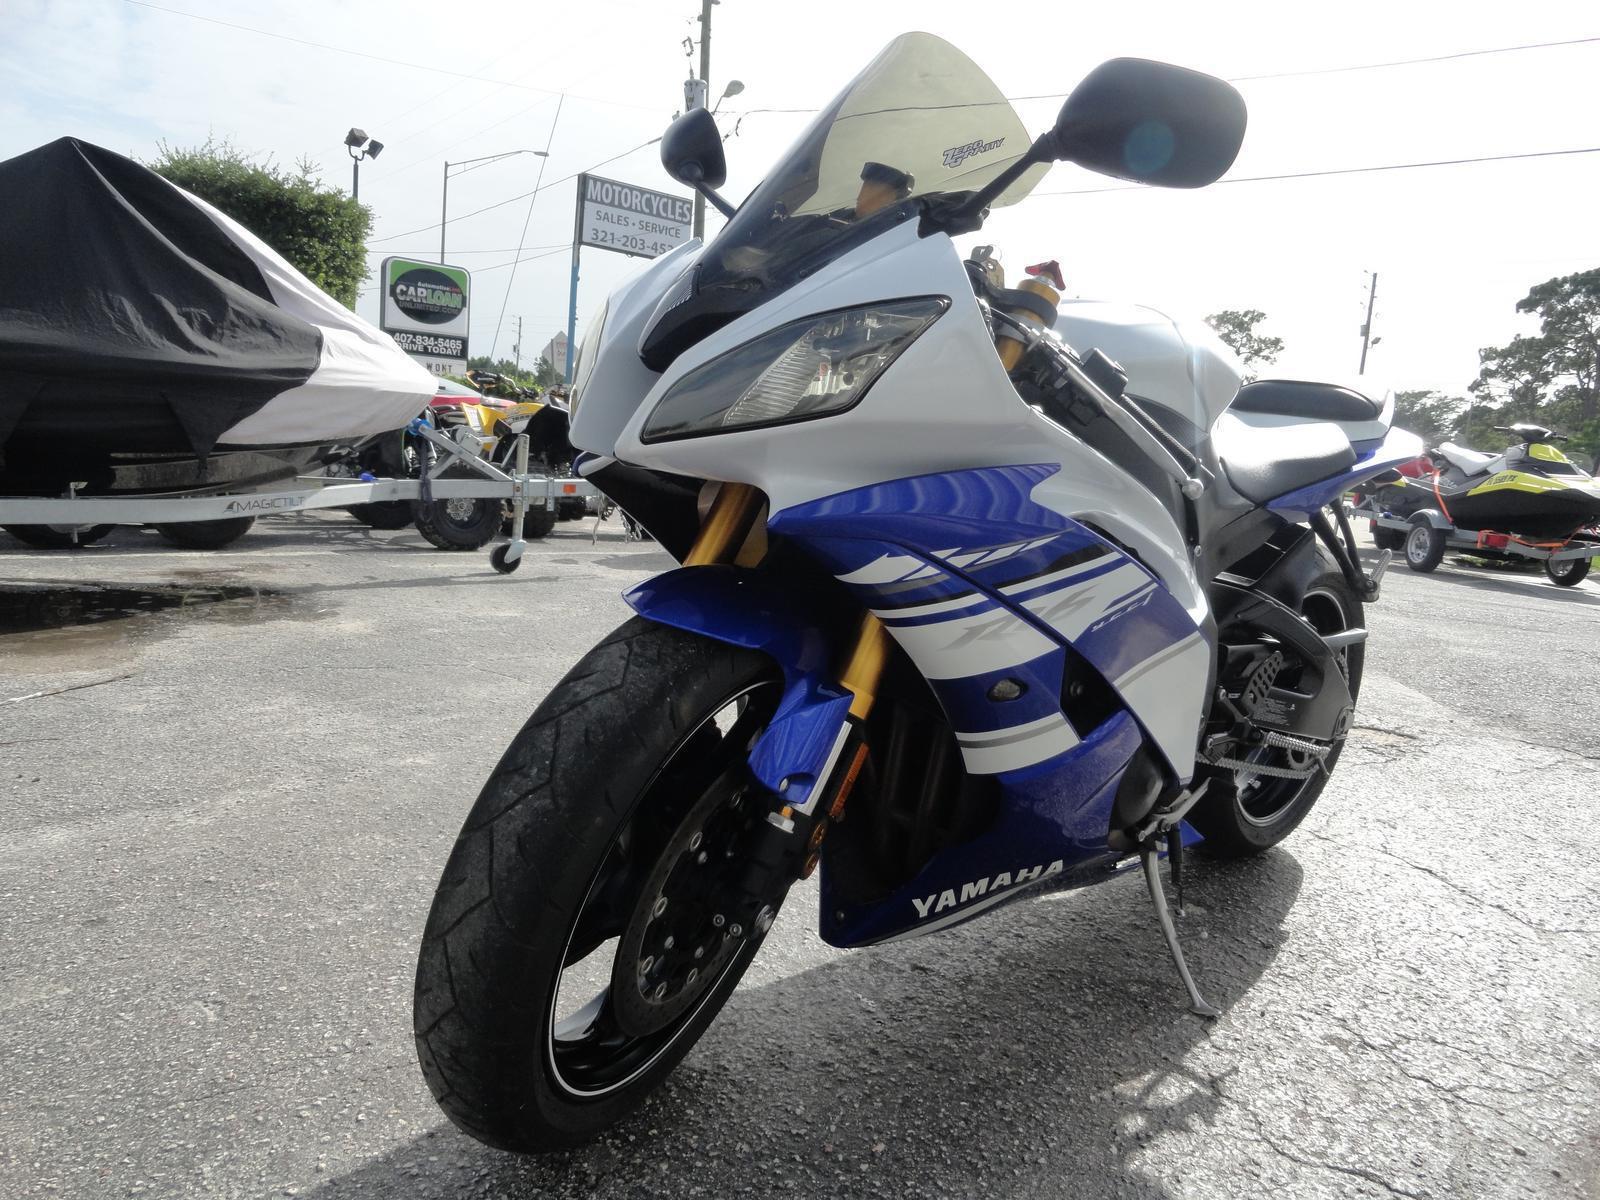 2012 Yamaha R6